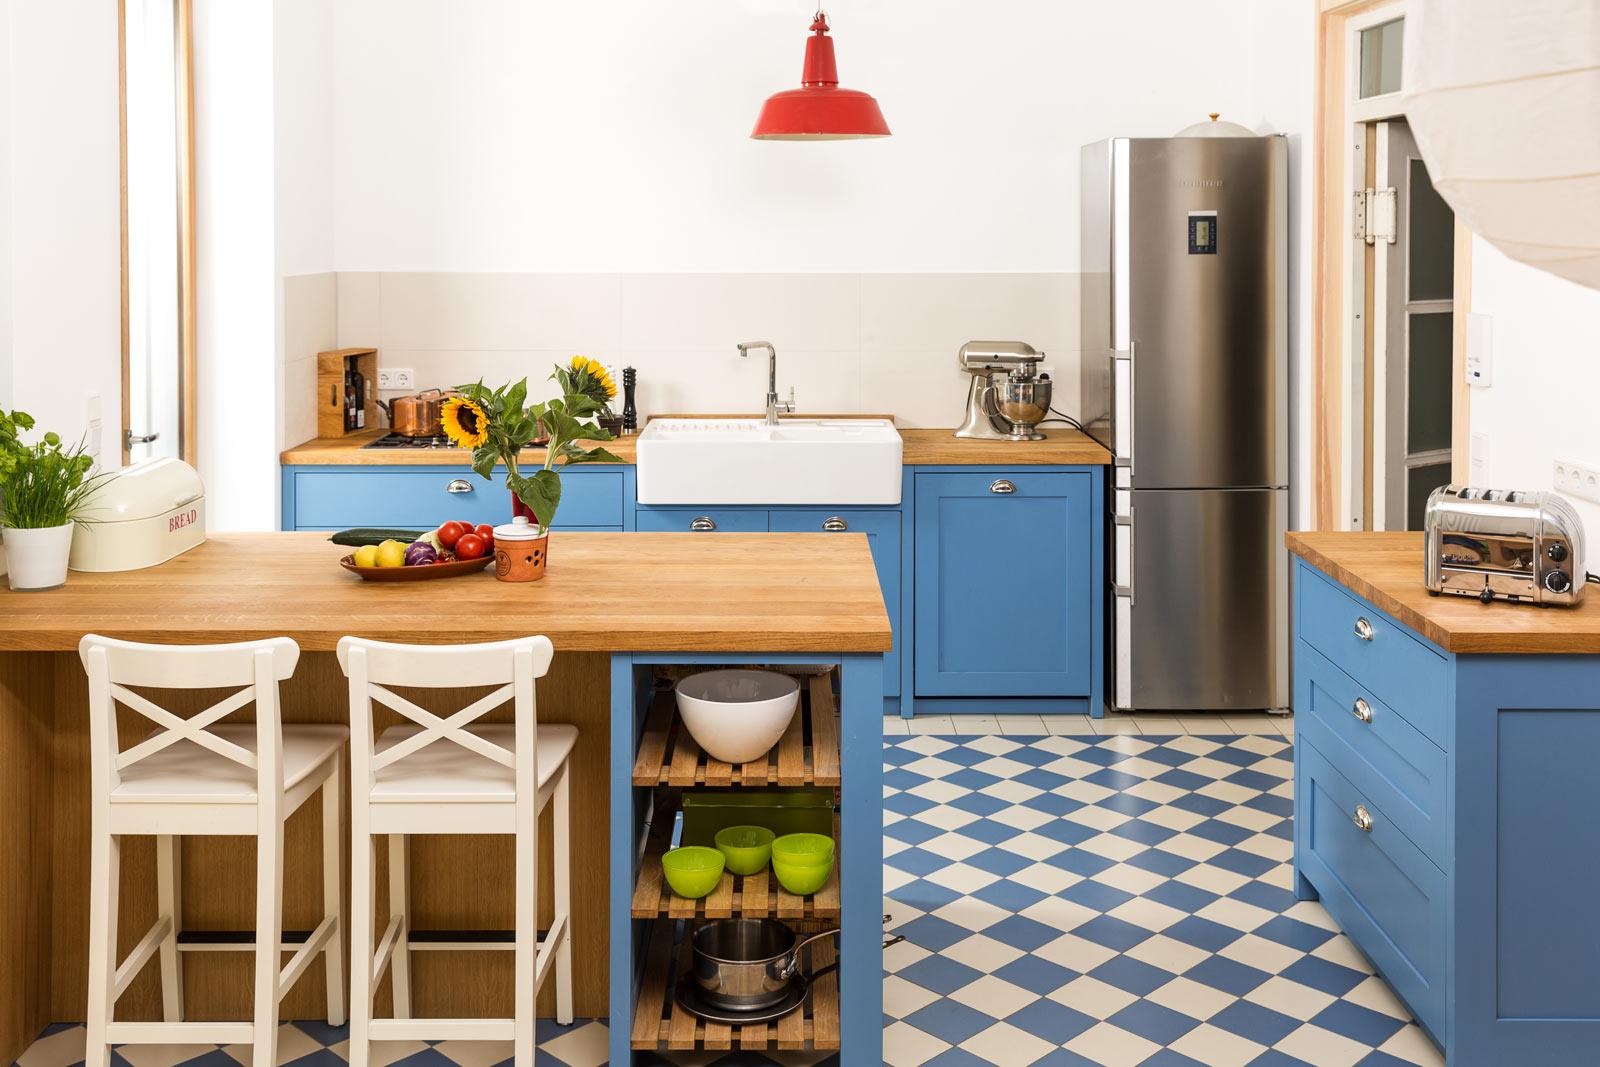 Full Size of Küche Blau Magnettafel Pendelleuchte Kochinsel Sitzecke Wandregal Landhaus Tapeten Für Die Edelstahlküche Gebraucht Einbauküche Mit Elektrogeräten Wohnzimmer Küche Blau